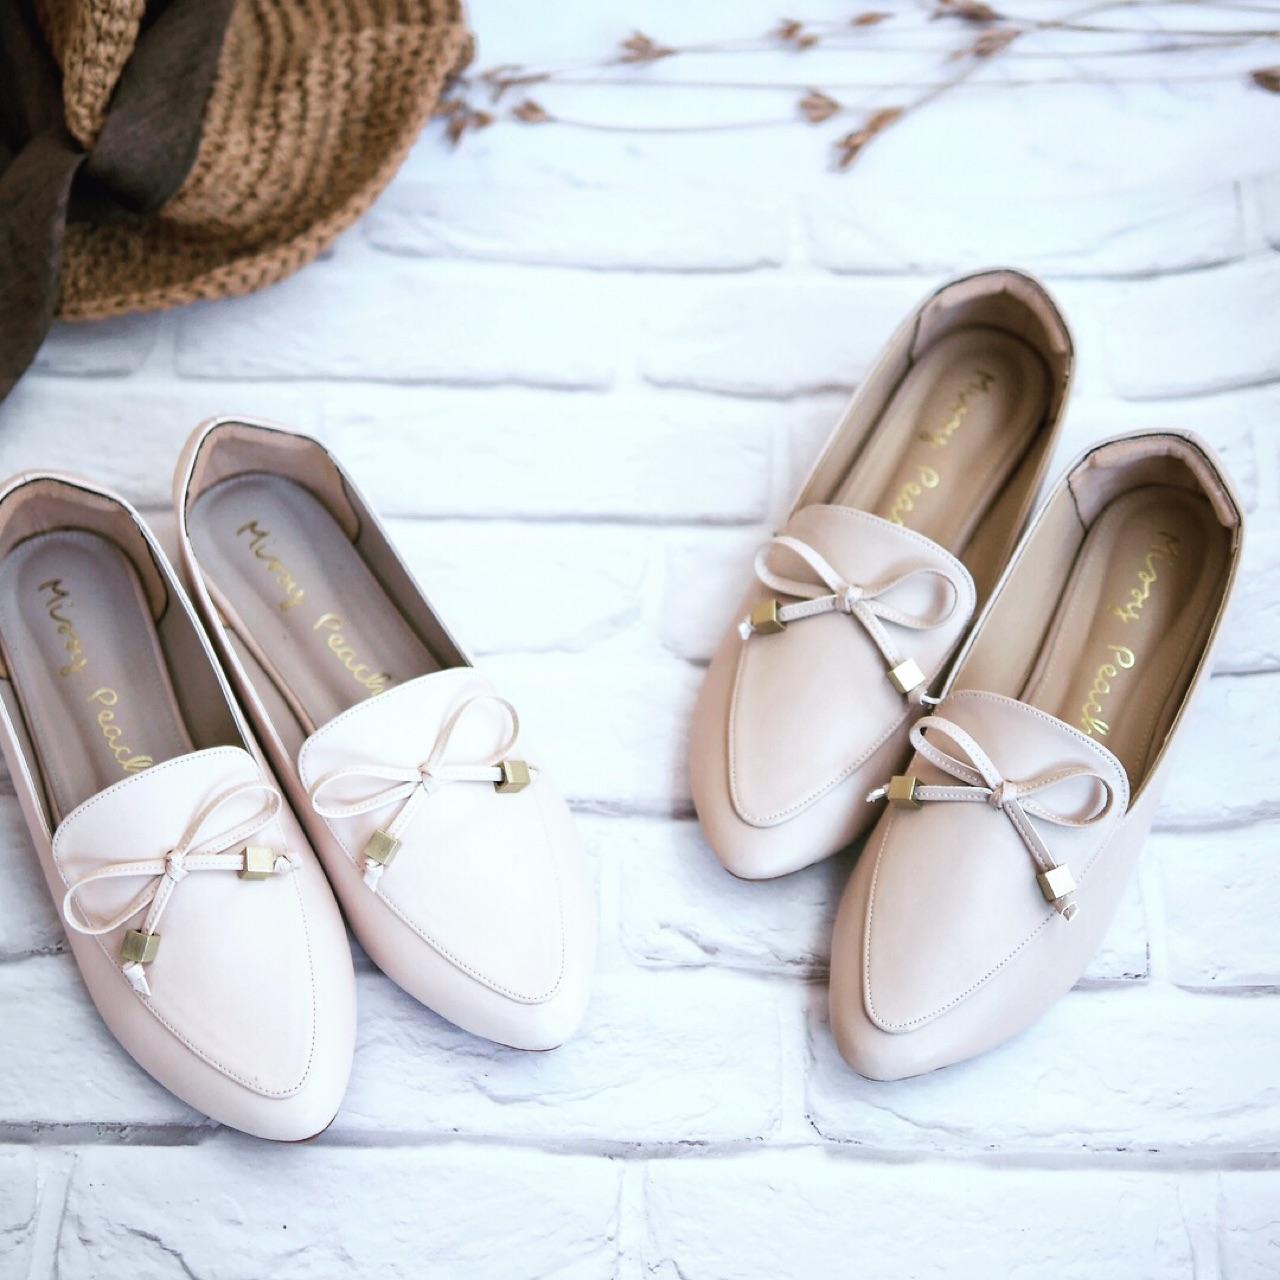 รองเท้า-loaferสีขาวครีม